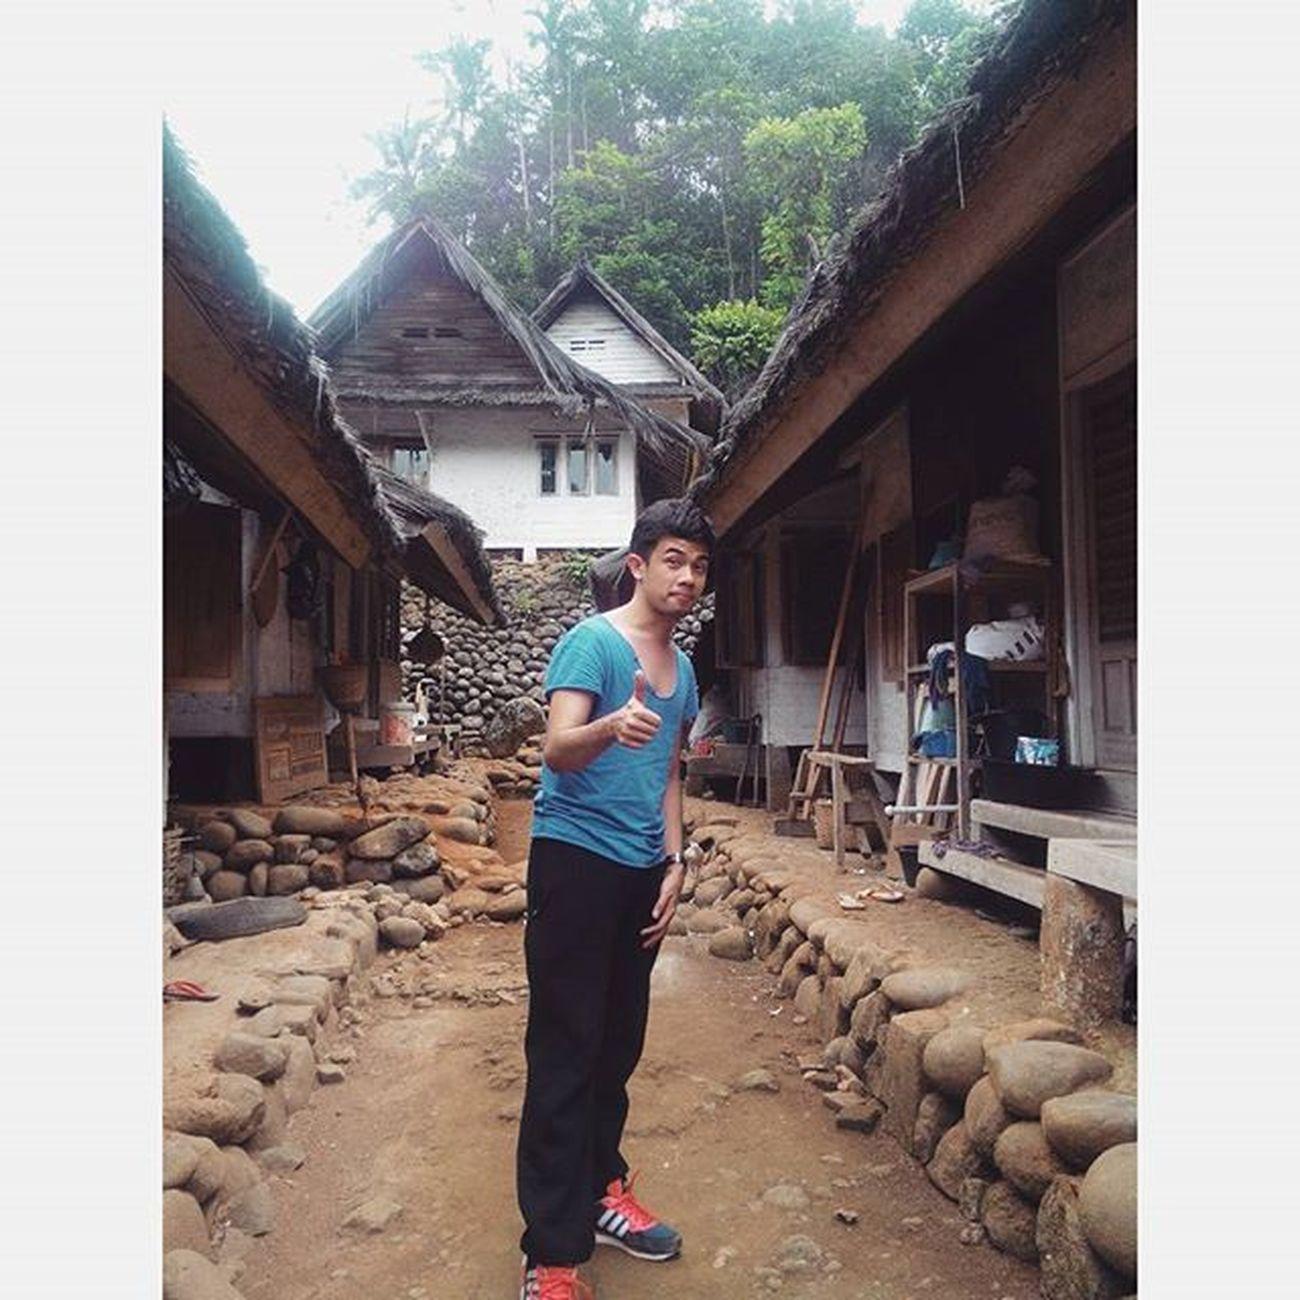 Squareinstapic Travelingindonesia Kampungnaga Garut Tasikmalaya Travel INDONESIA Downtown Village Trip